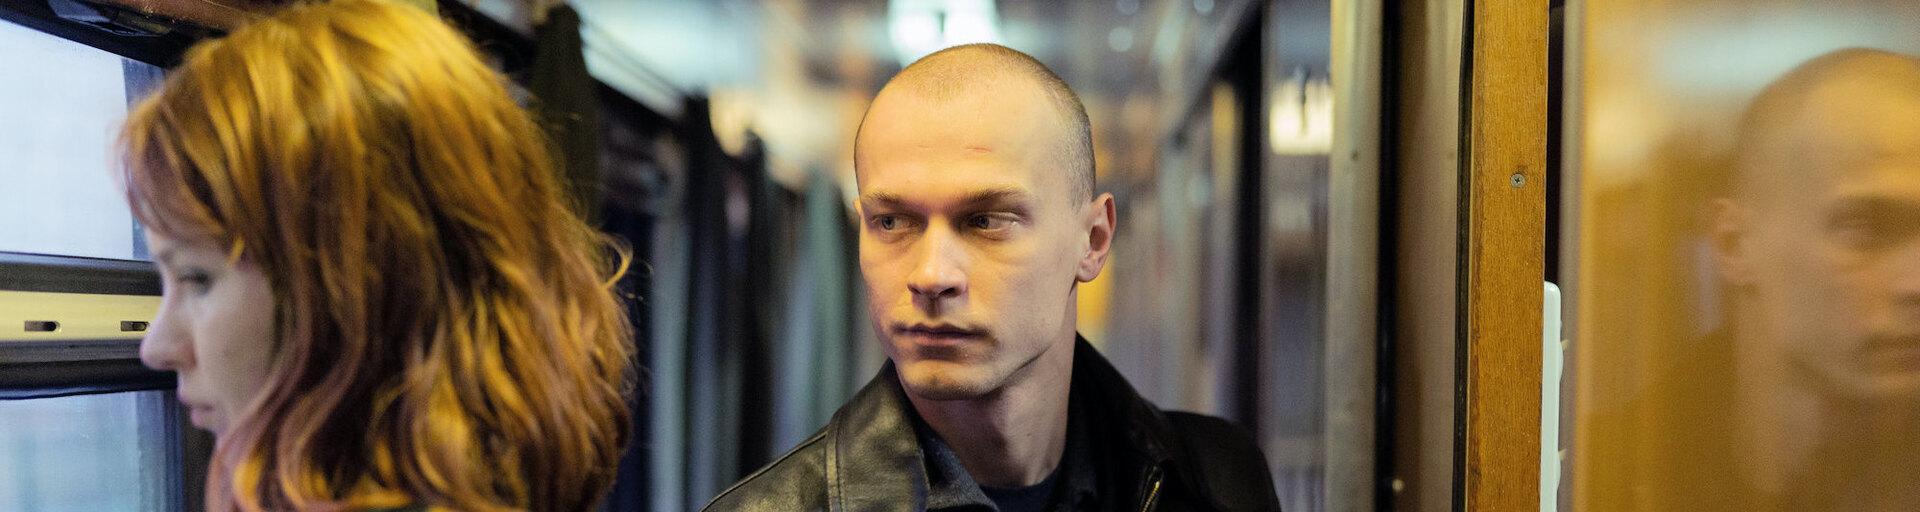 Юра Борисов — освоем первом Каннском фестивале, отом, как играть пьяного изачем он снялся вфинском фильме «Купе номер шесть»